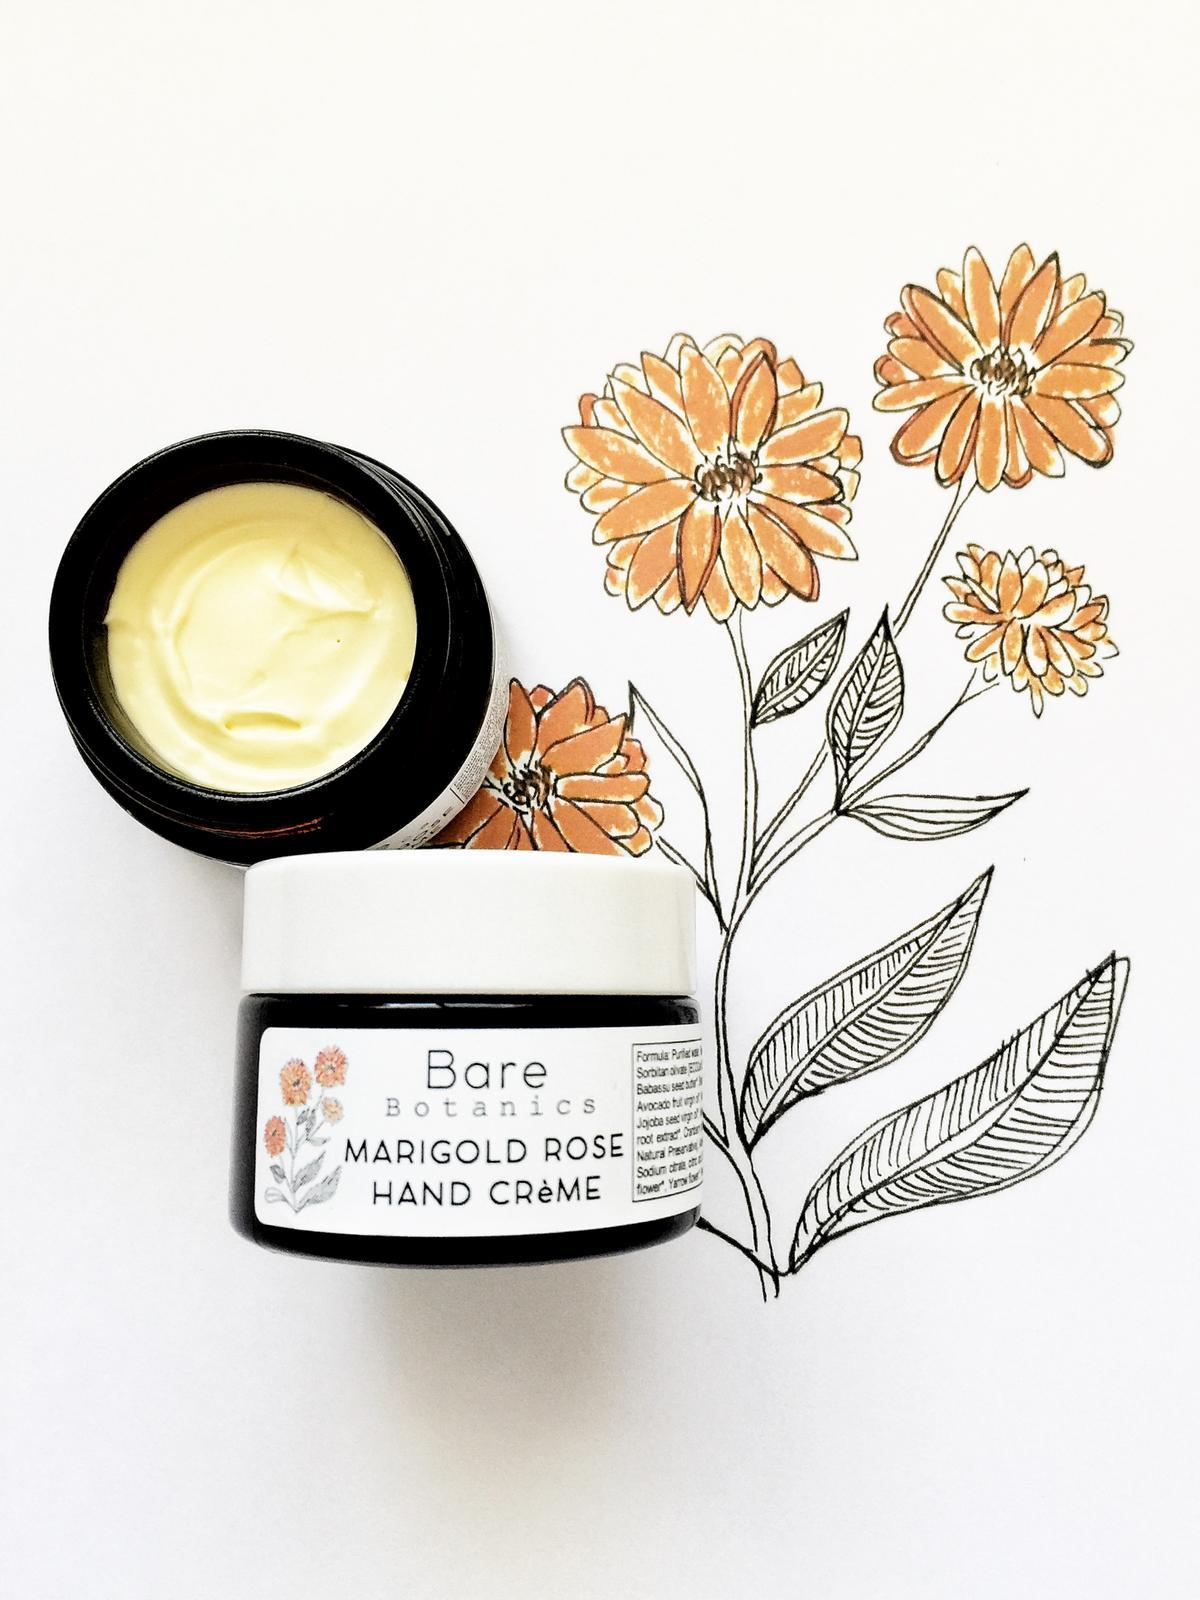 Marigold Rose Hand Crème